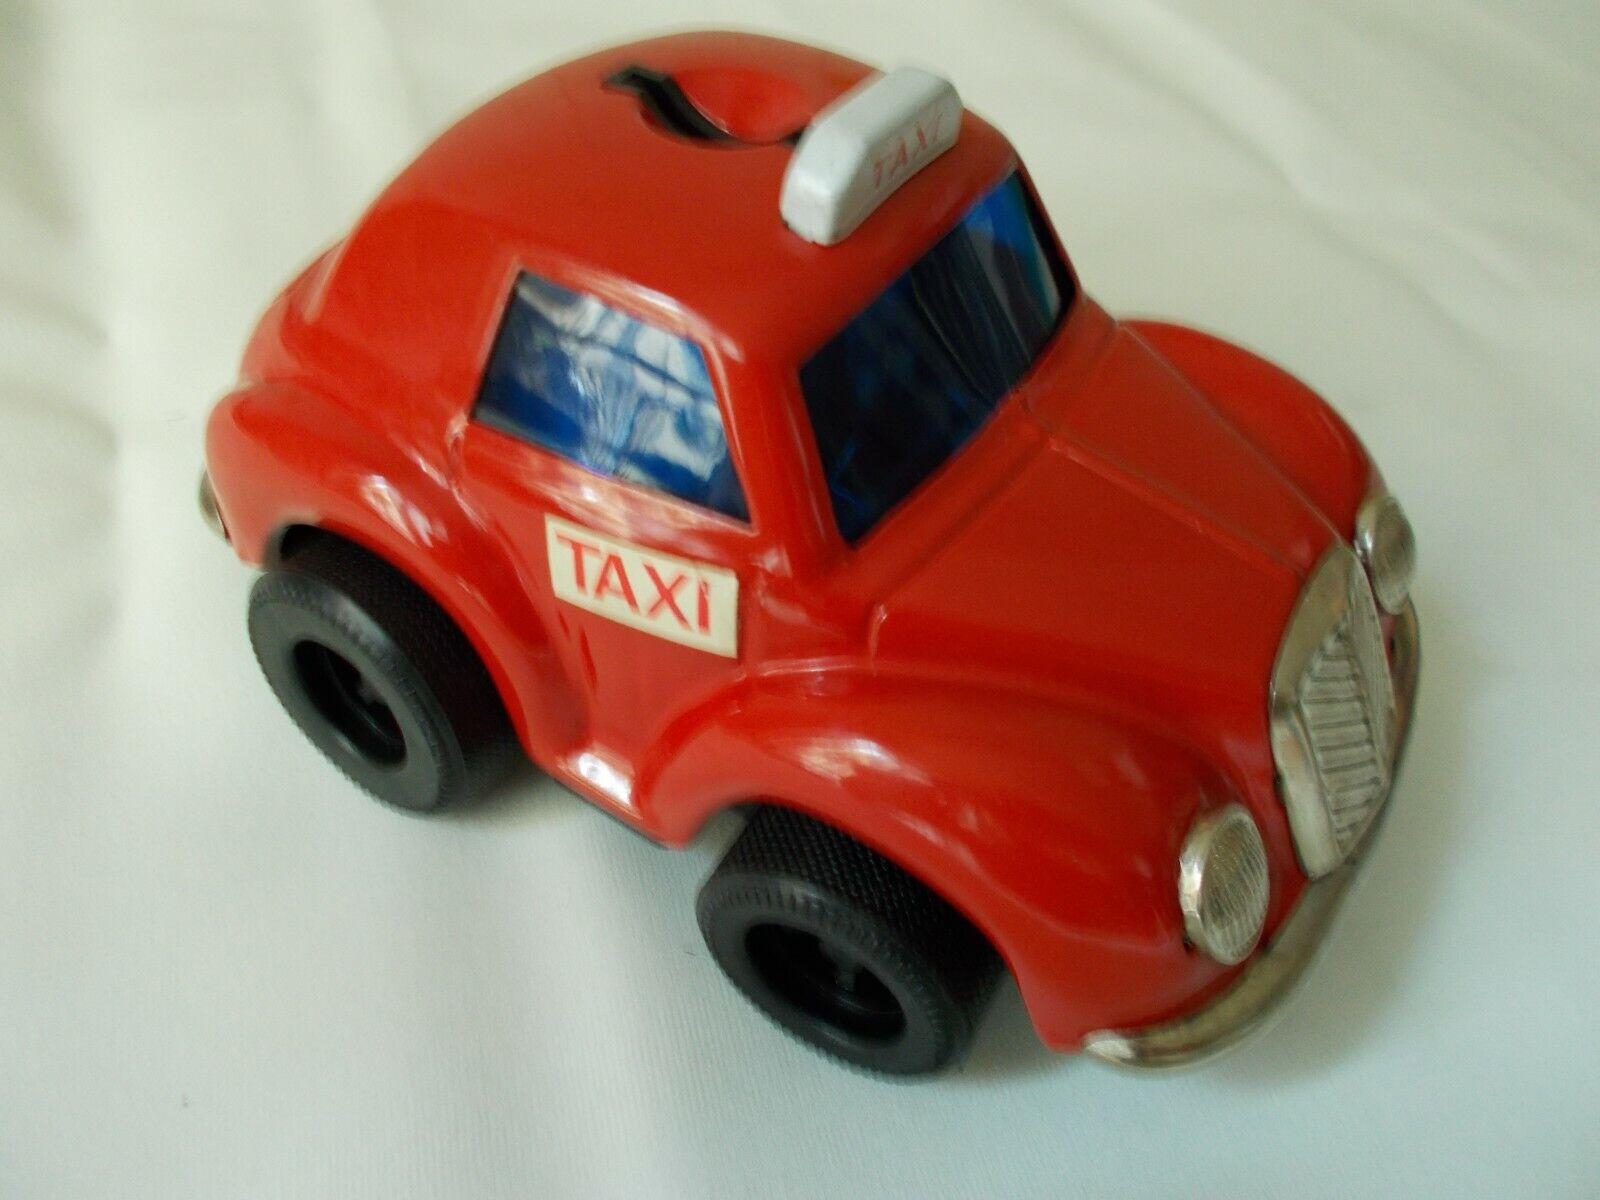 Coin Taxi Daiya mistery auto